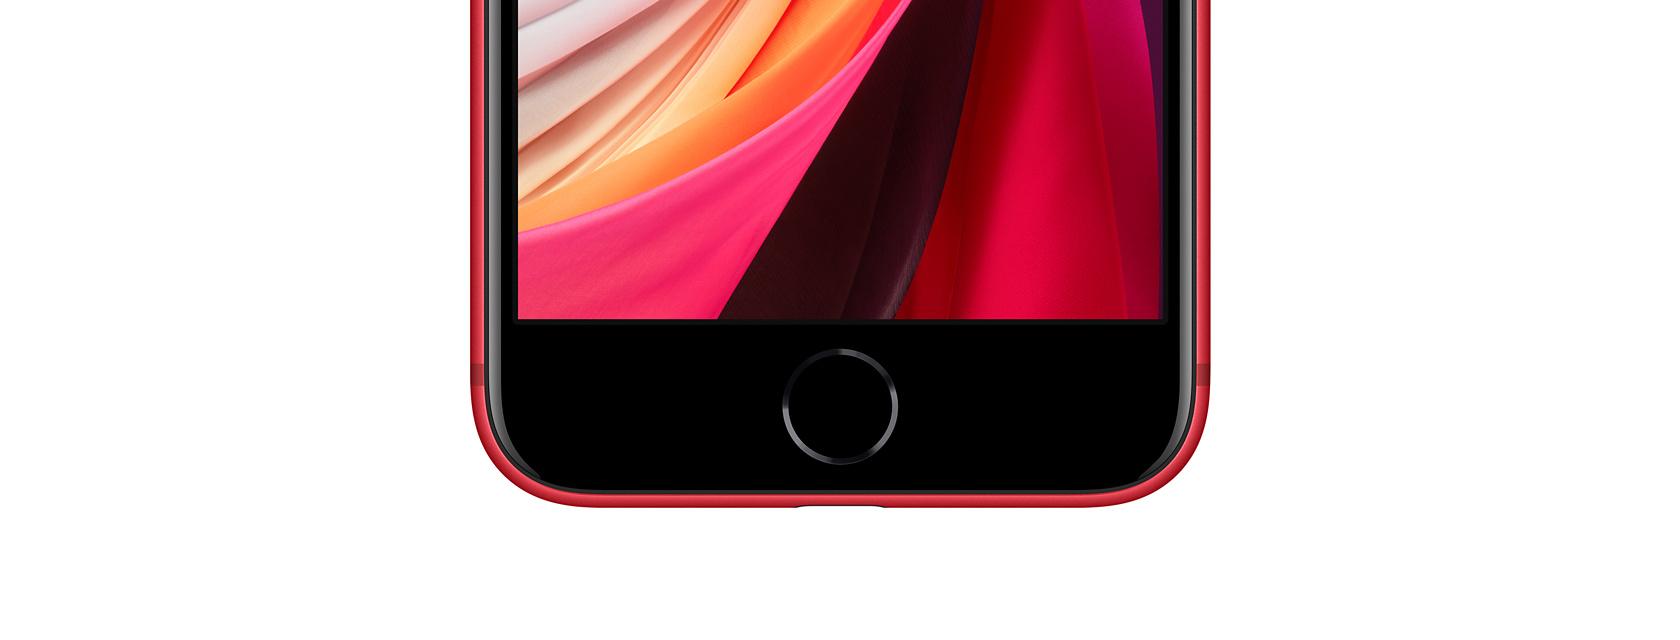 iPhone SE (2020) 保留了 Touch ID 指纹辨识